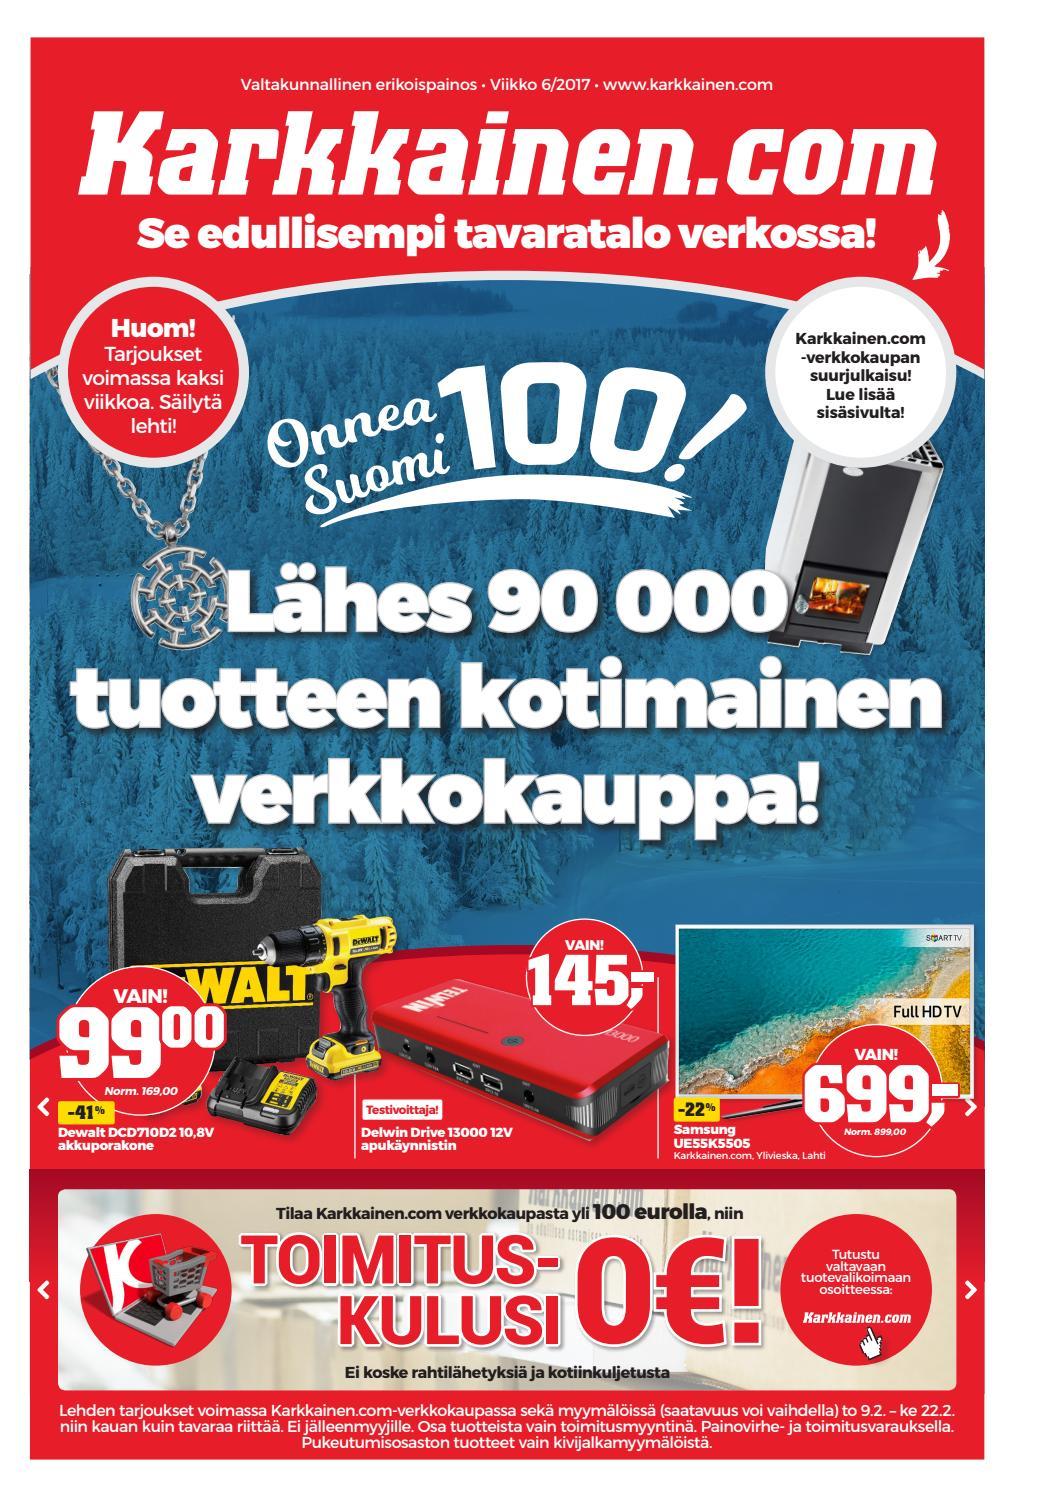 Kärkkäisen mainos (6 2017) (valtakunnallinen) by Tavaratalo J. Kärkkäinen  Oy - issuu 8fde853d9c